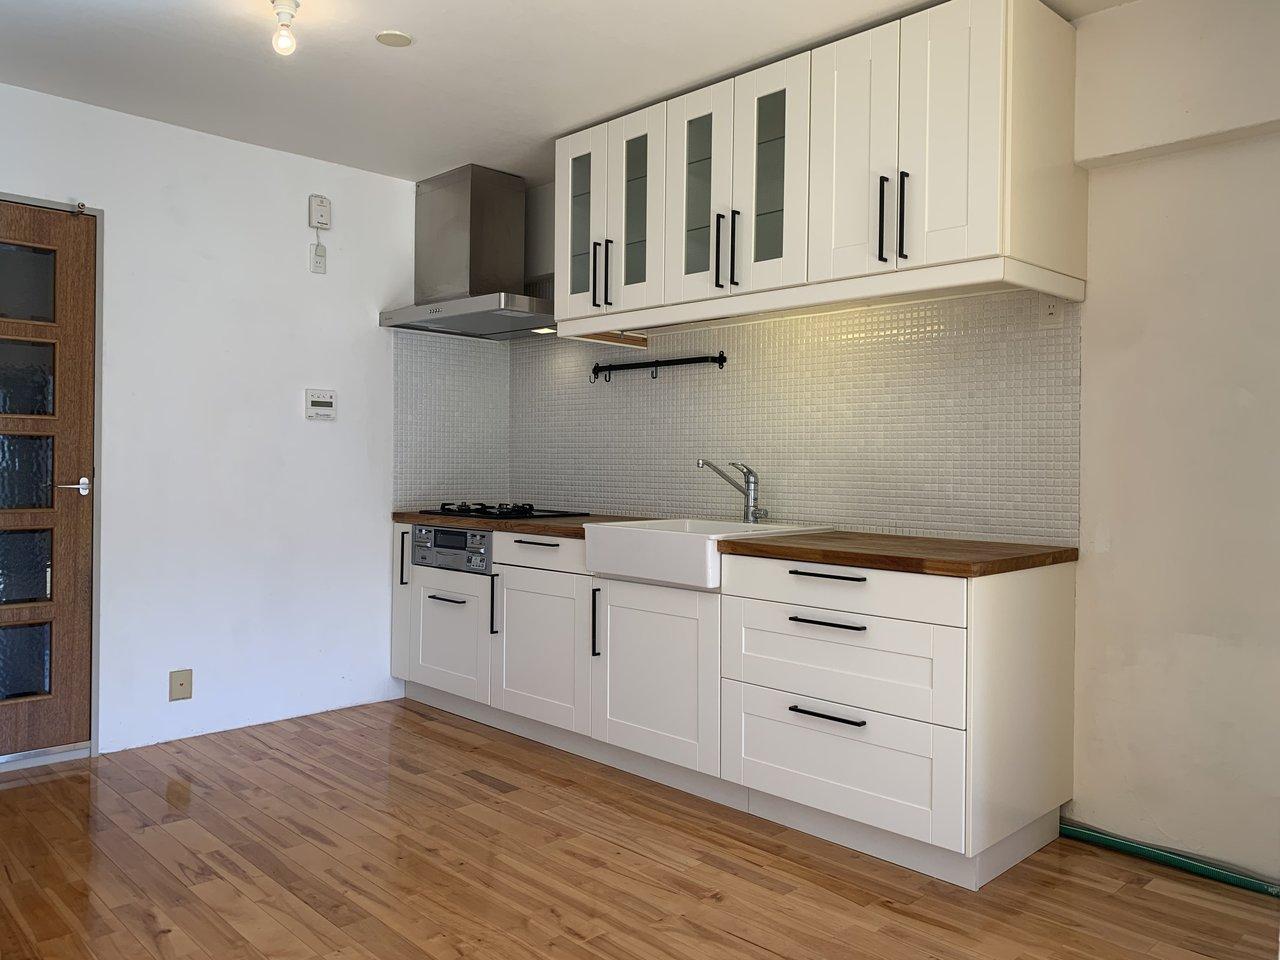 このかわいらしいキッチンも見逃せません。賃貸物件ではなかなかみない、デザイン性の高さが特徴です。もちろん、3口コンロで作業スペースあり、と機能的な部分も充実しています。